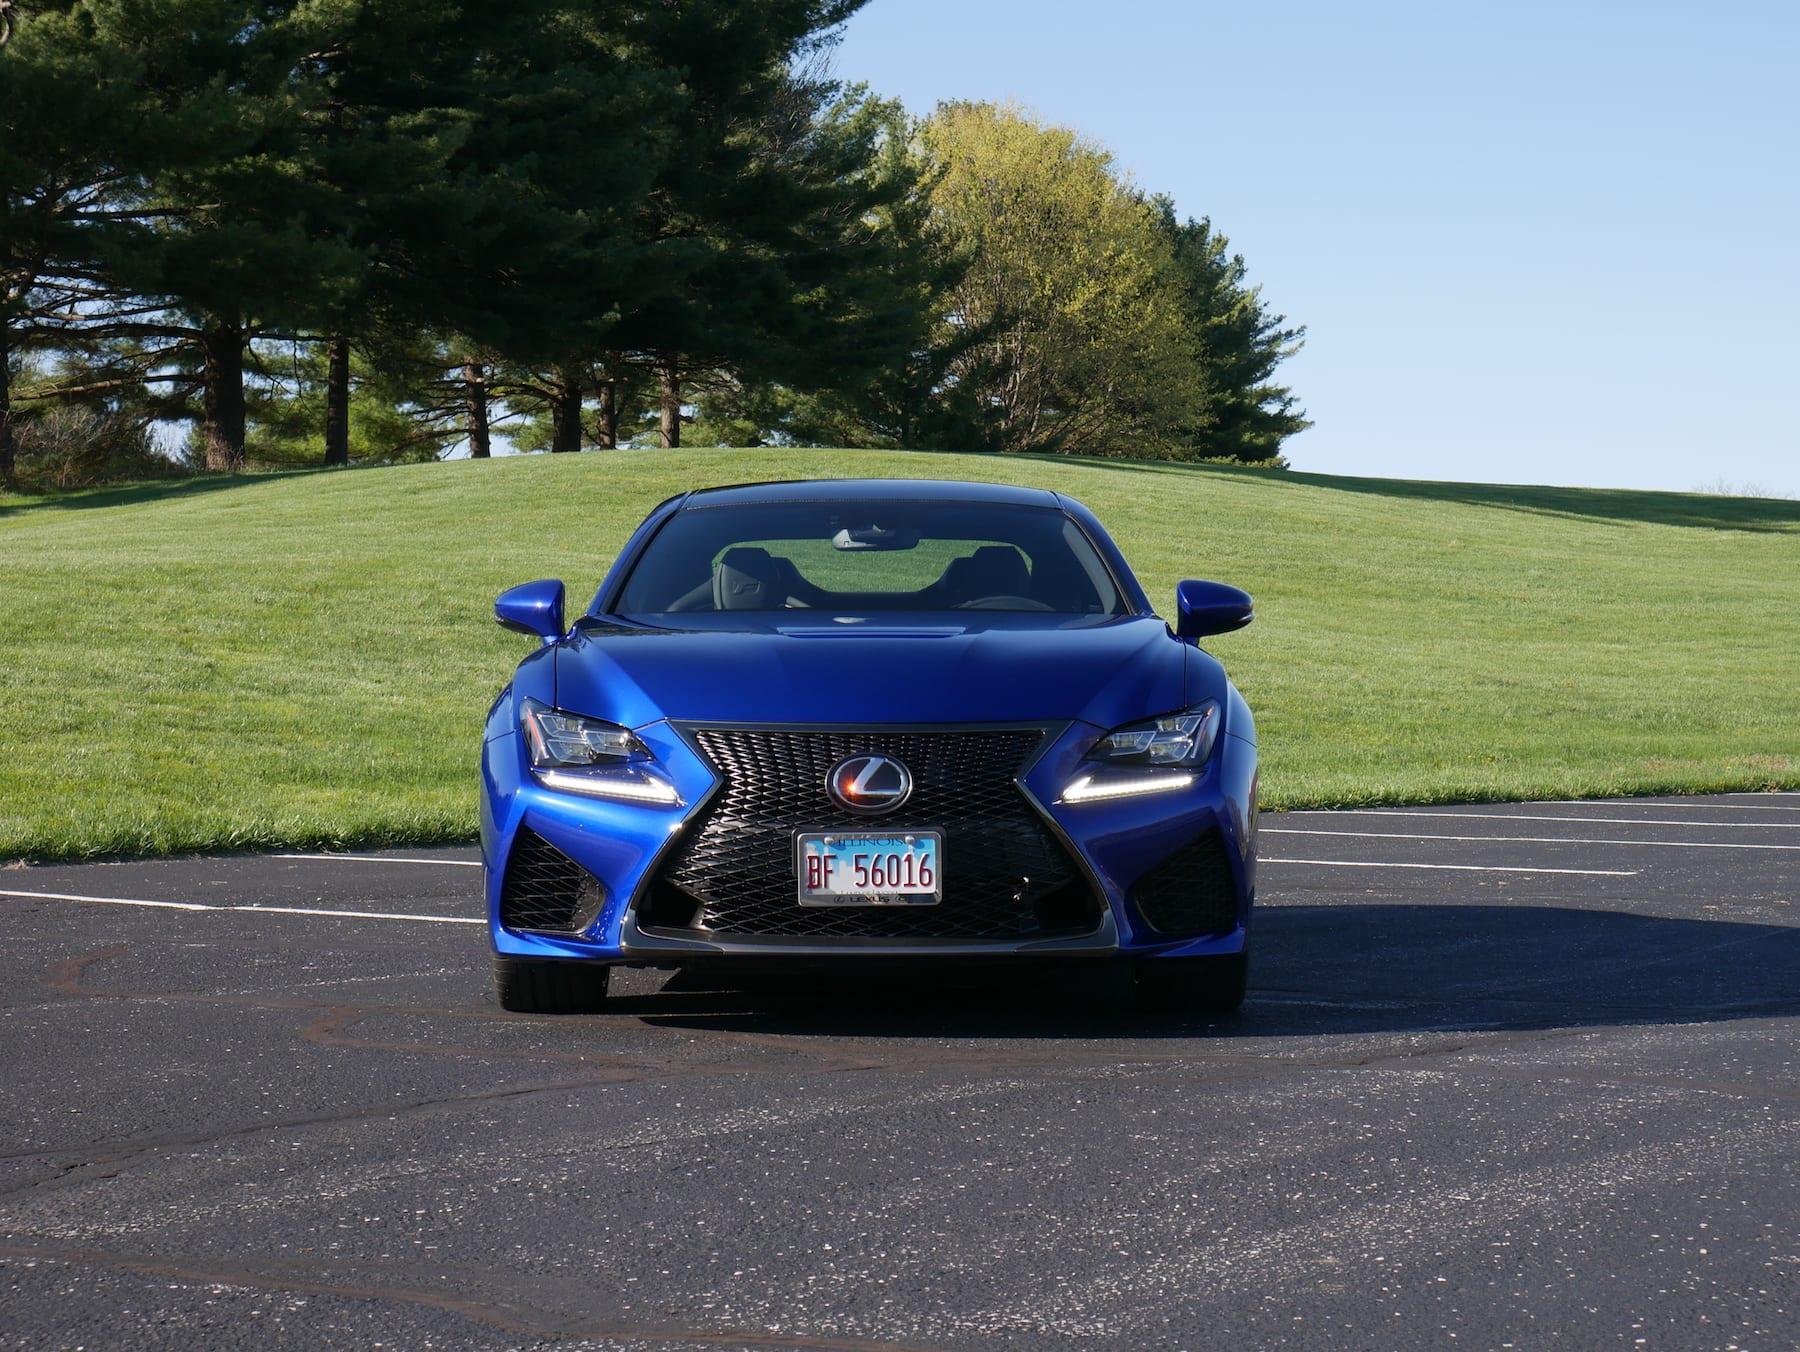 2019 Lexus RC F front view